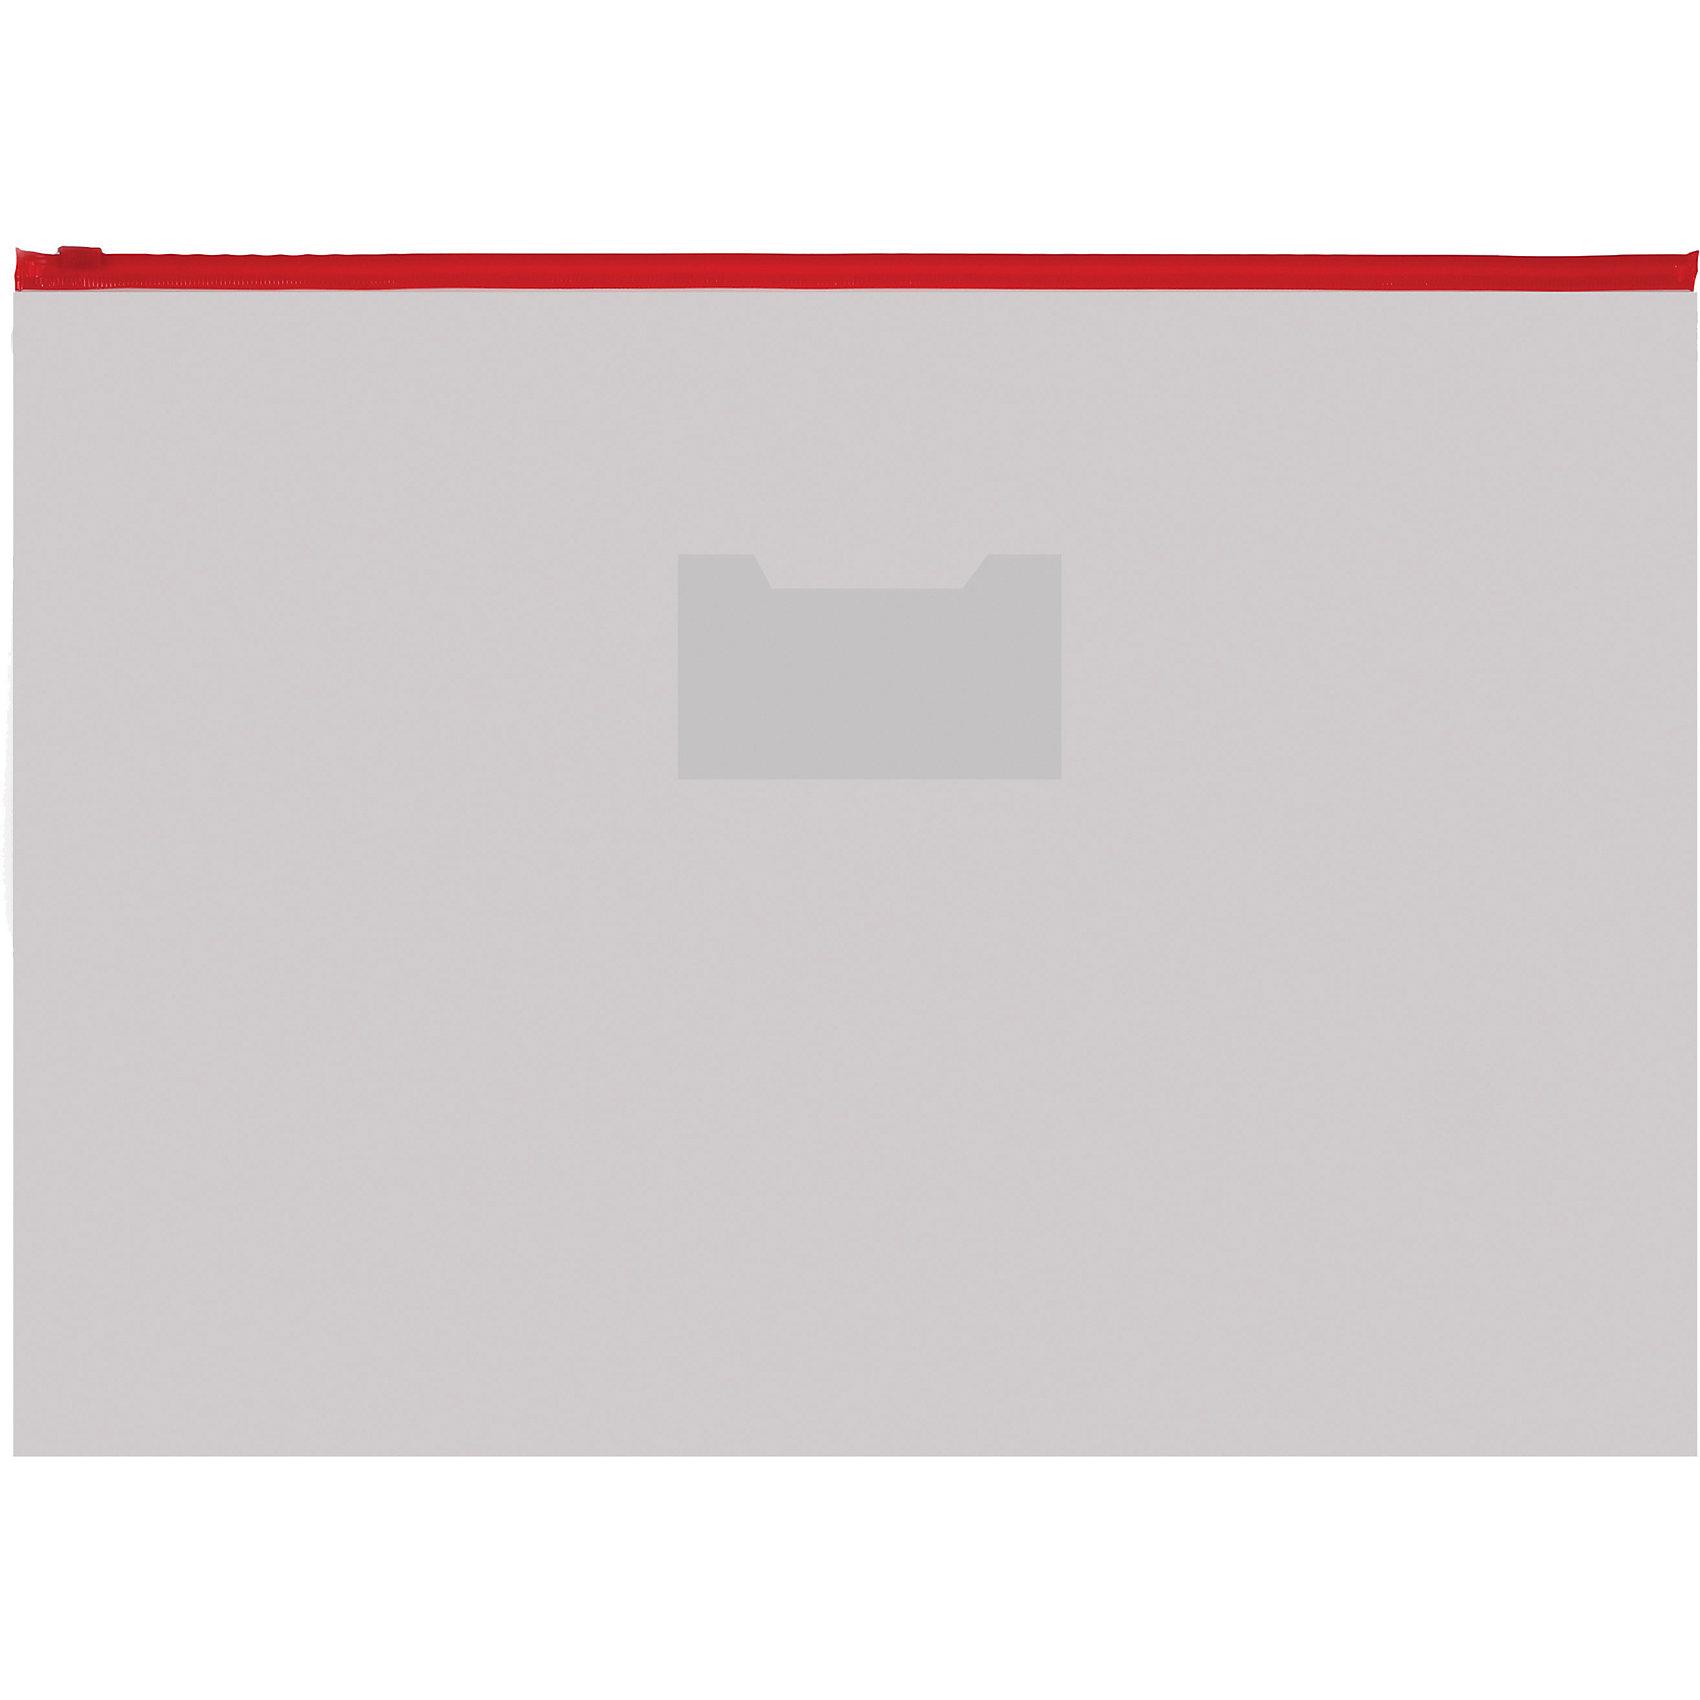 Centrum Папка-пакет А3 для документов с пластиковой застежкой-молнией, ассортиПапки для чертежей<br>Прозрачная папка-пакет для хранения и перевозки документов, с пластиковой застежкой-молнией, тип застежки Zip. Цвета прозрачные-ассорти. Размер 442х320 мм.<br><br>Ширина мм: 2<br>Глубина мм: 430<br>Высота мм: 320<br>Вес г: 72<br>Возраст от месяцев: 72<br>Возраст до месяцев: 2147483647<br>Пол: Унисекс<br>Возраст: Детский<br>SKU: 6846718